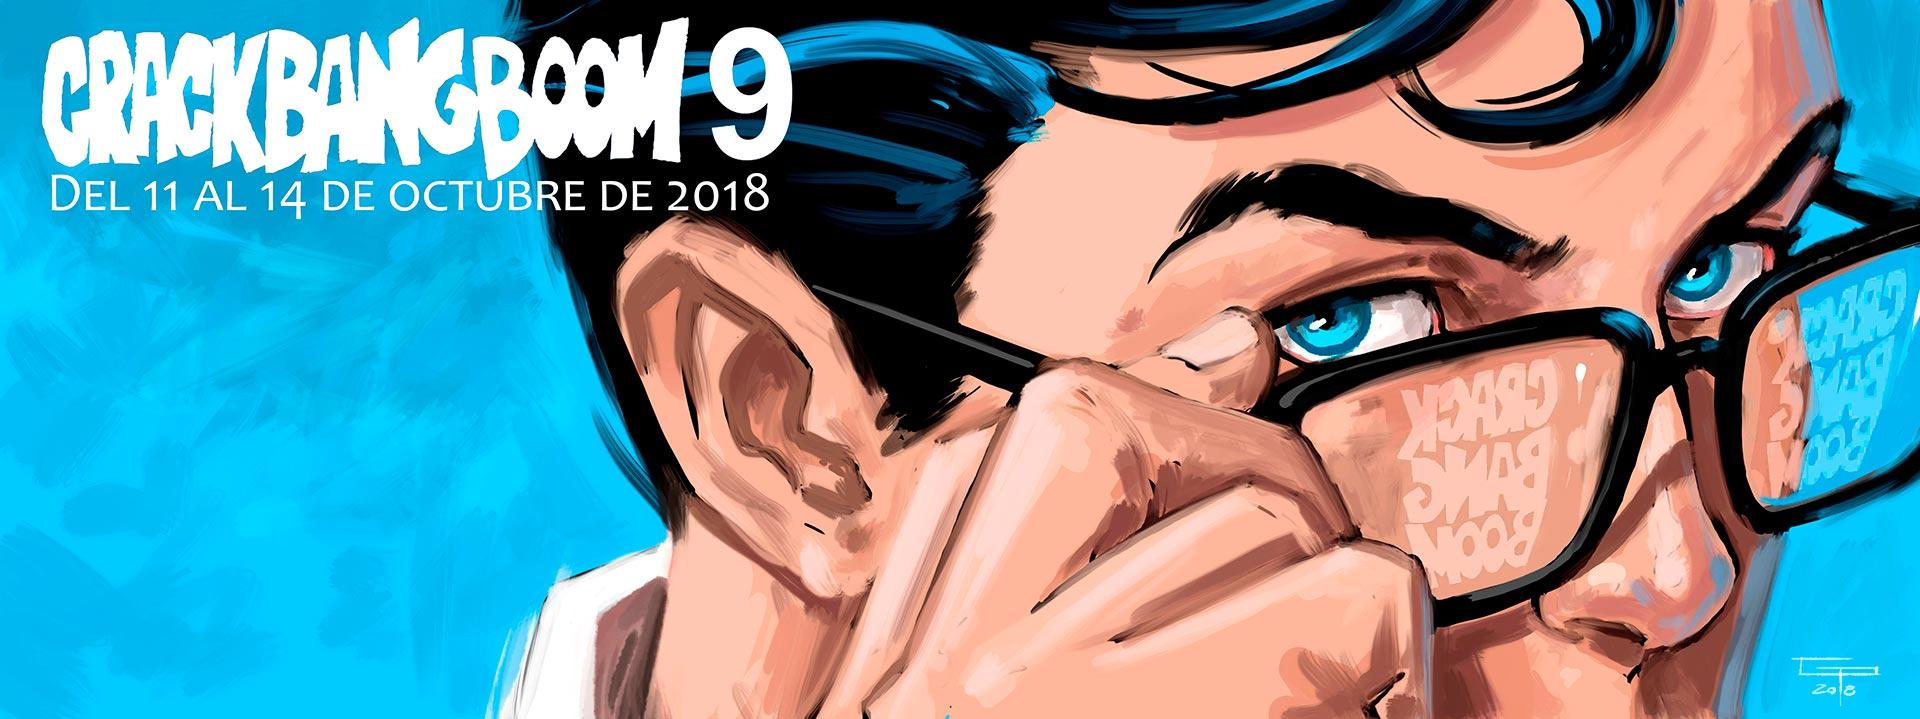 [EVENTO] Crack Bang Boom 9 Del 11 al 14 de octubre de 2018. Banner-2018